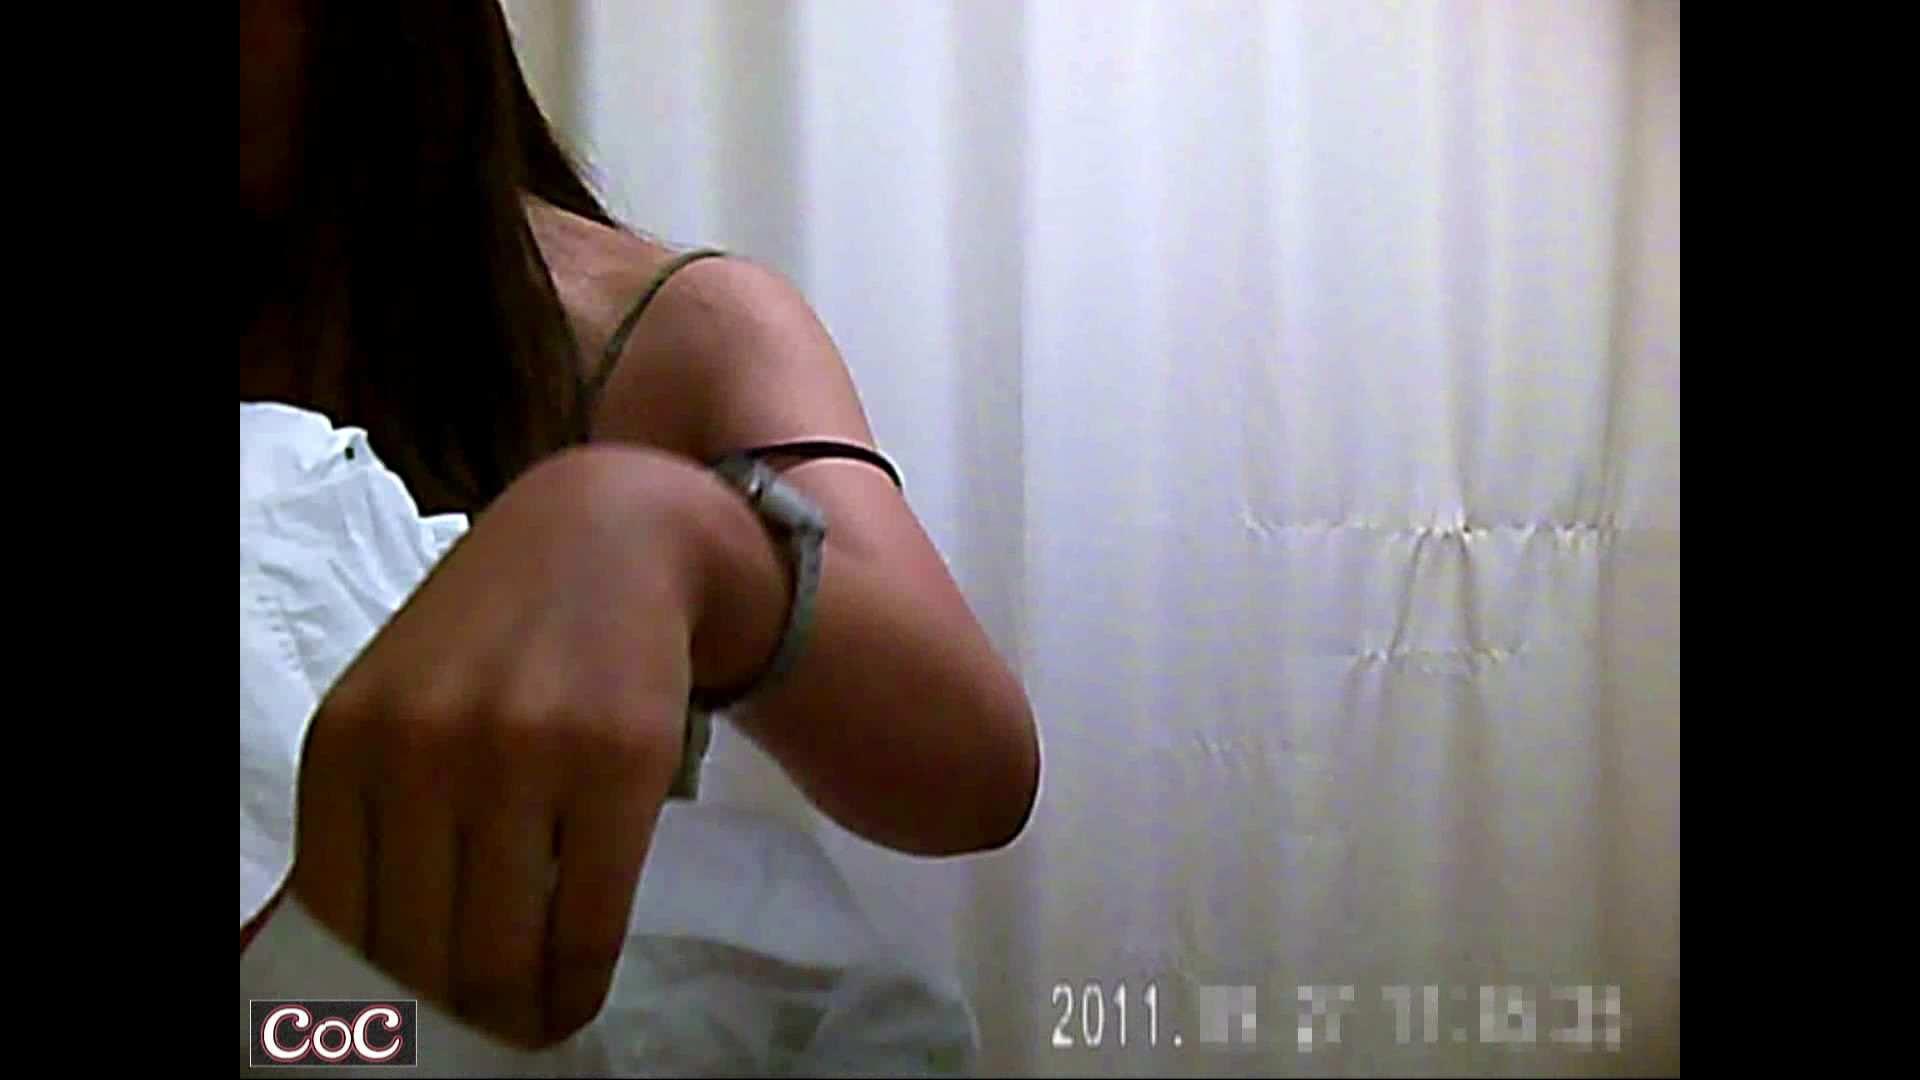 病院おもいっきり着替え! vol.37 着替え 盗撮オマンコ無修正動画無料 74画像 38